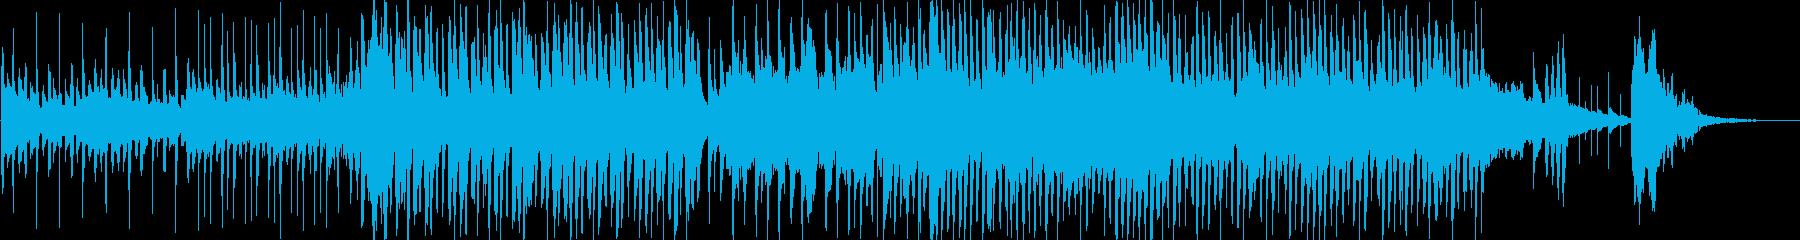 電子。基本的なリズミカルな効果音、...の再生済みの波形